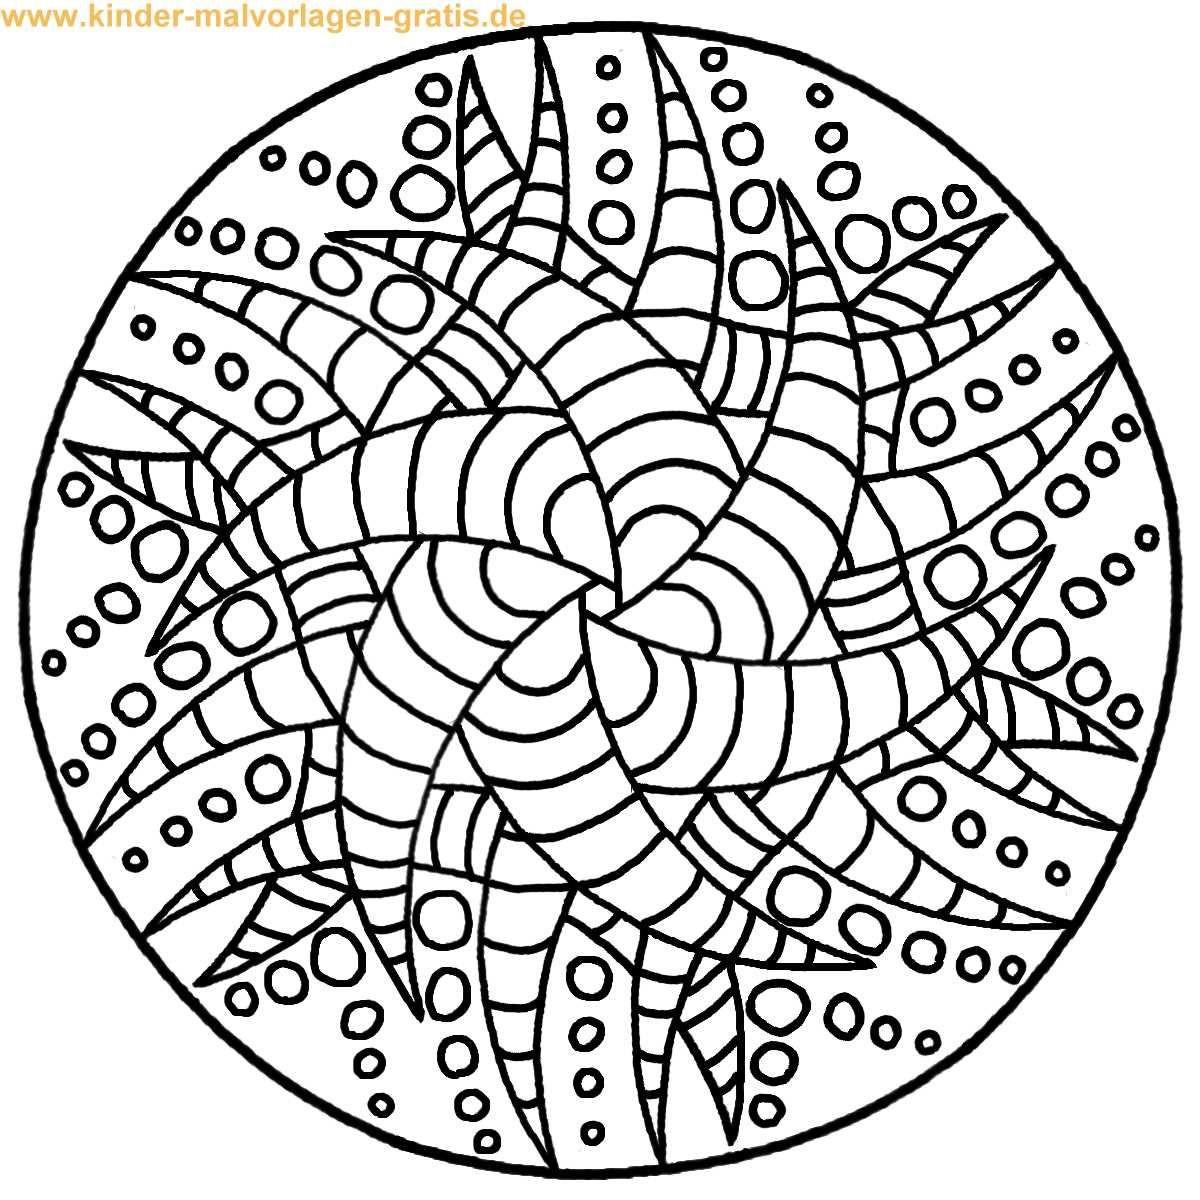 Mandala Herbst Zum Ausdrucken Einzigartig Mandalas Zum Ausdrucken Mandalas Zum Ausmalen Sammlung